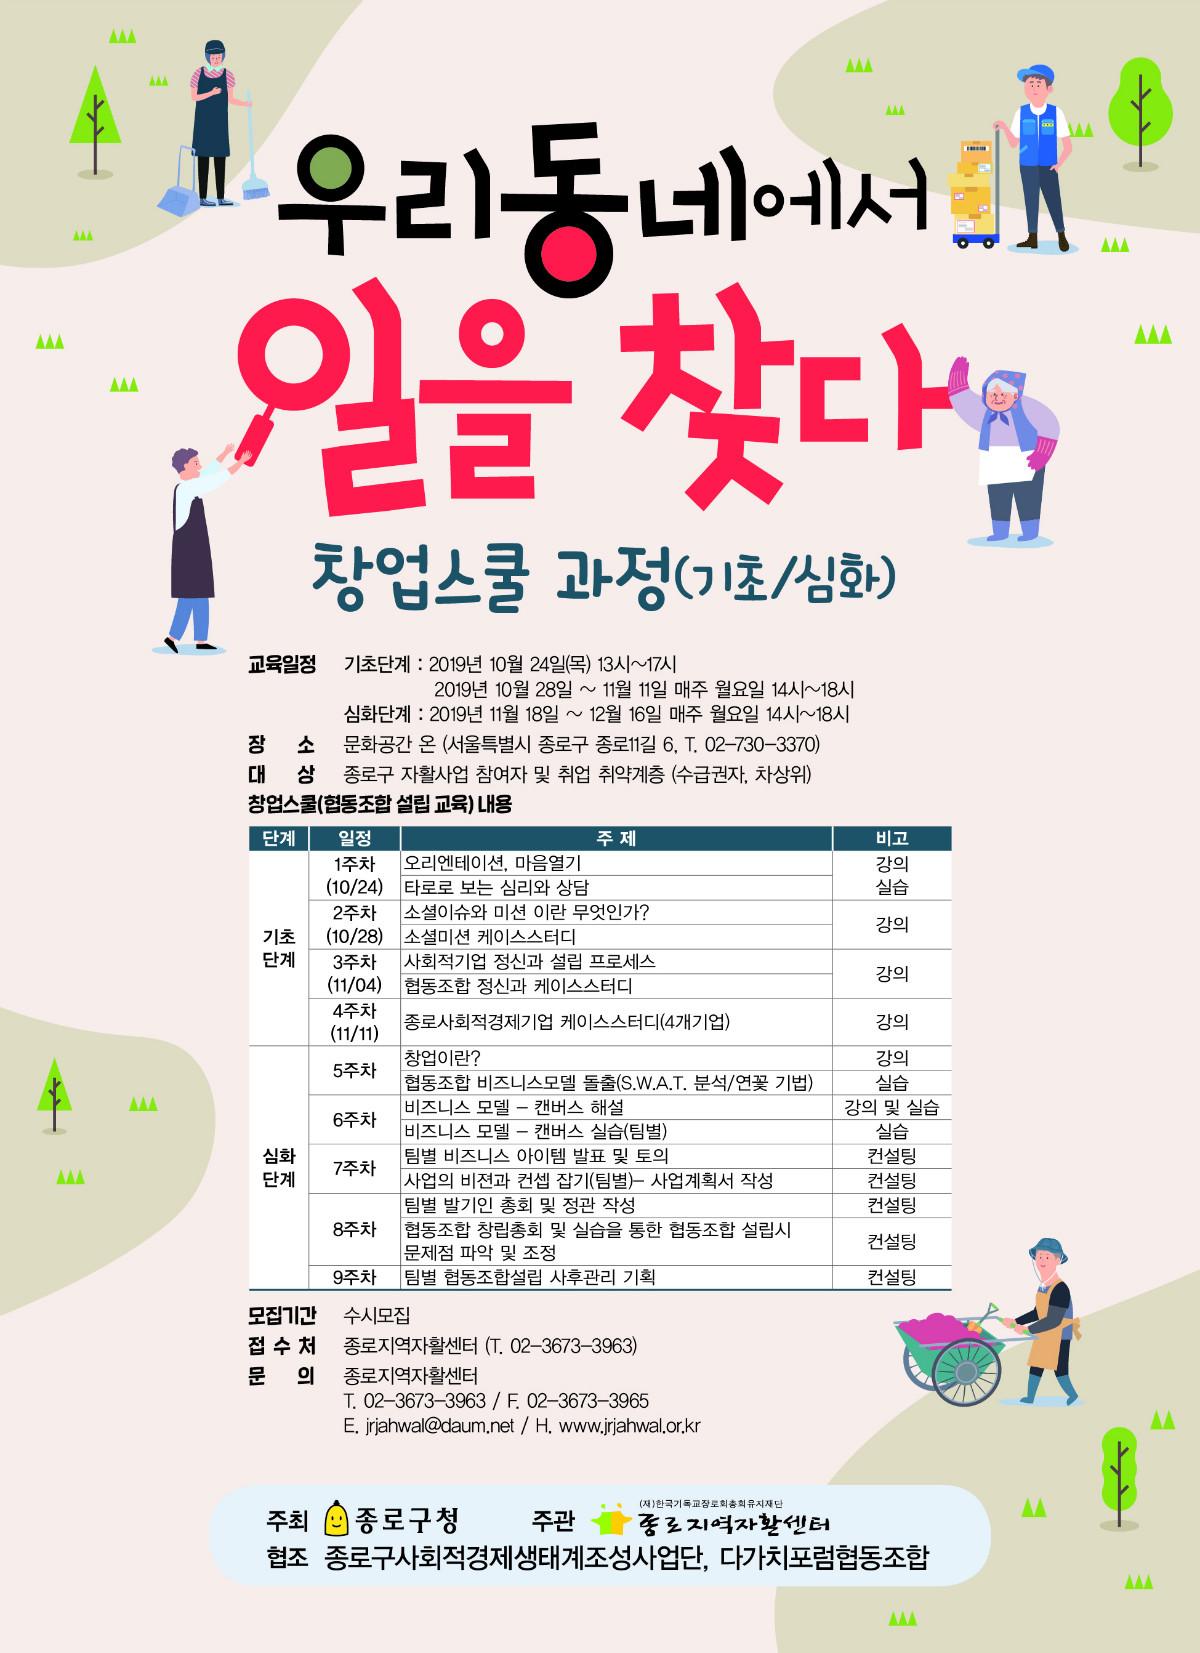 종로자활-우리동네에서일을찾다포스터(최종).jpg